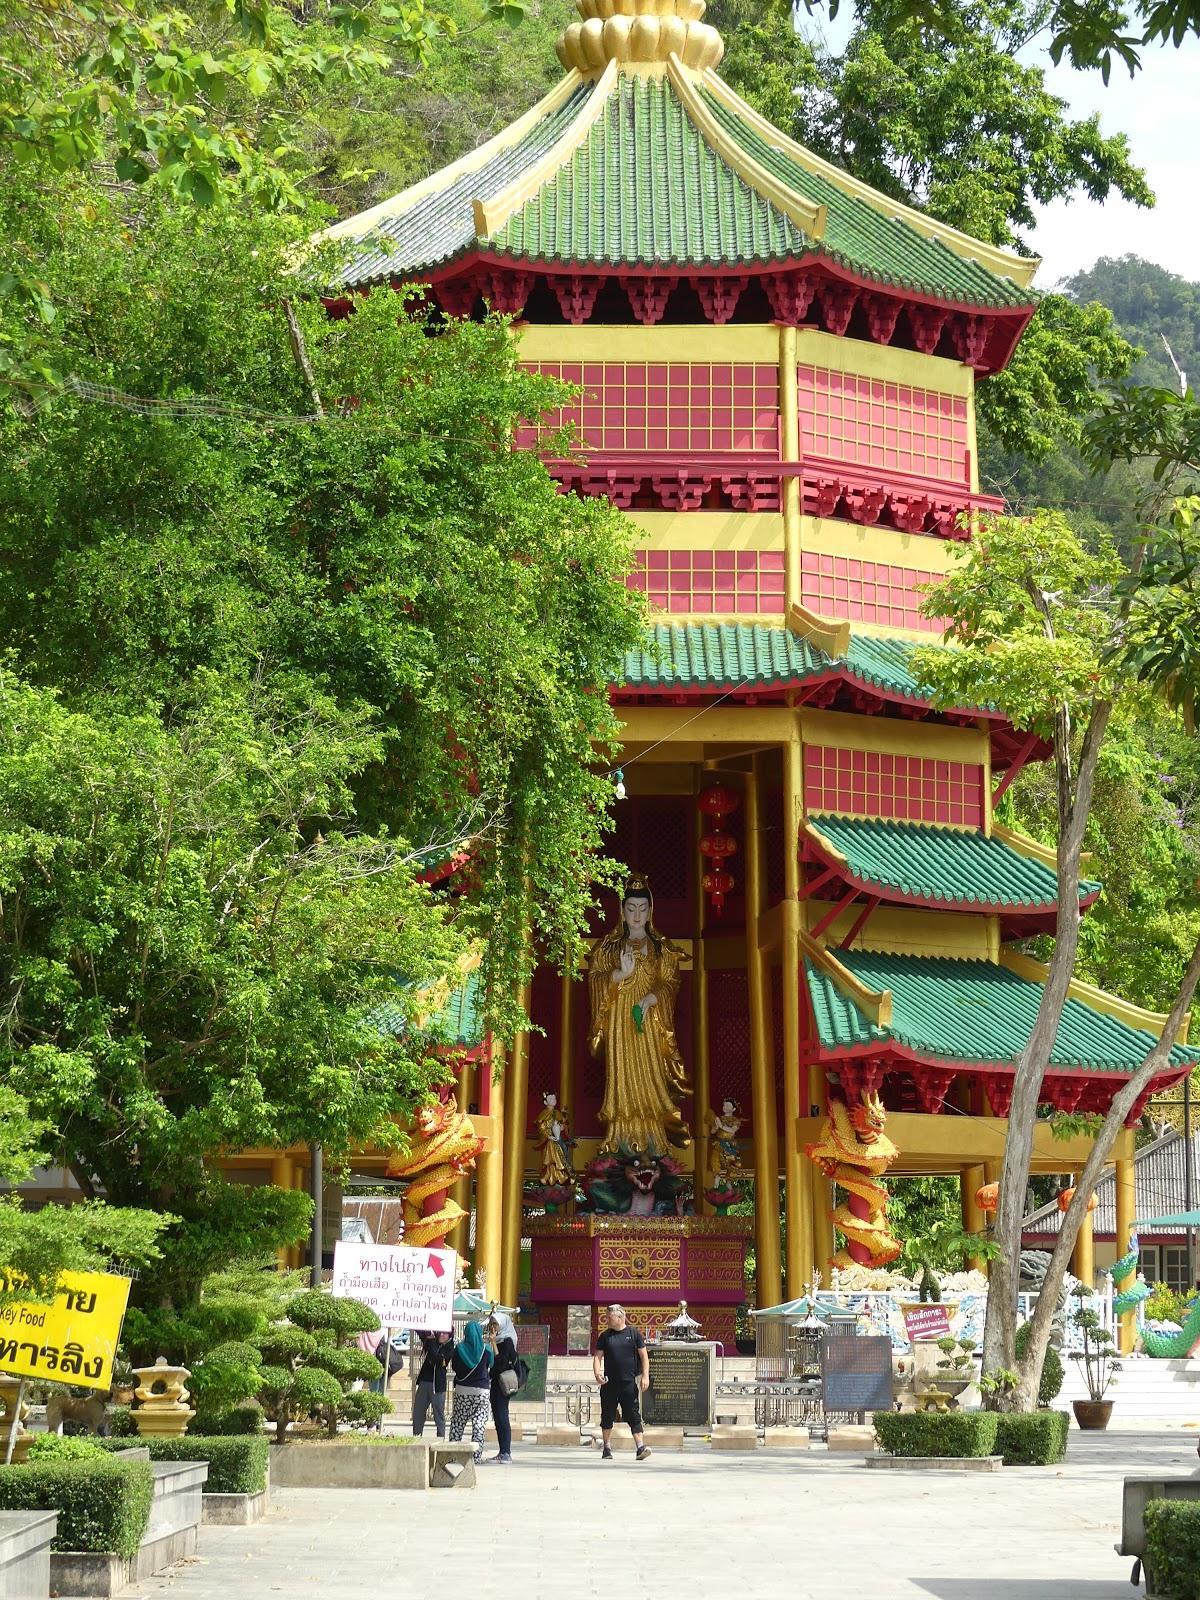 Nicolle's blog: Tajlandia #3: Wyspa Jamesa Bonda, wodna wioska, buddyści i magiczne jeziorka ukryte w lesie tropikalnym